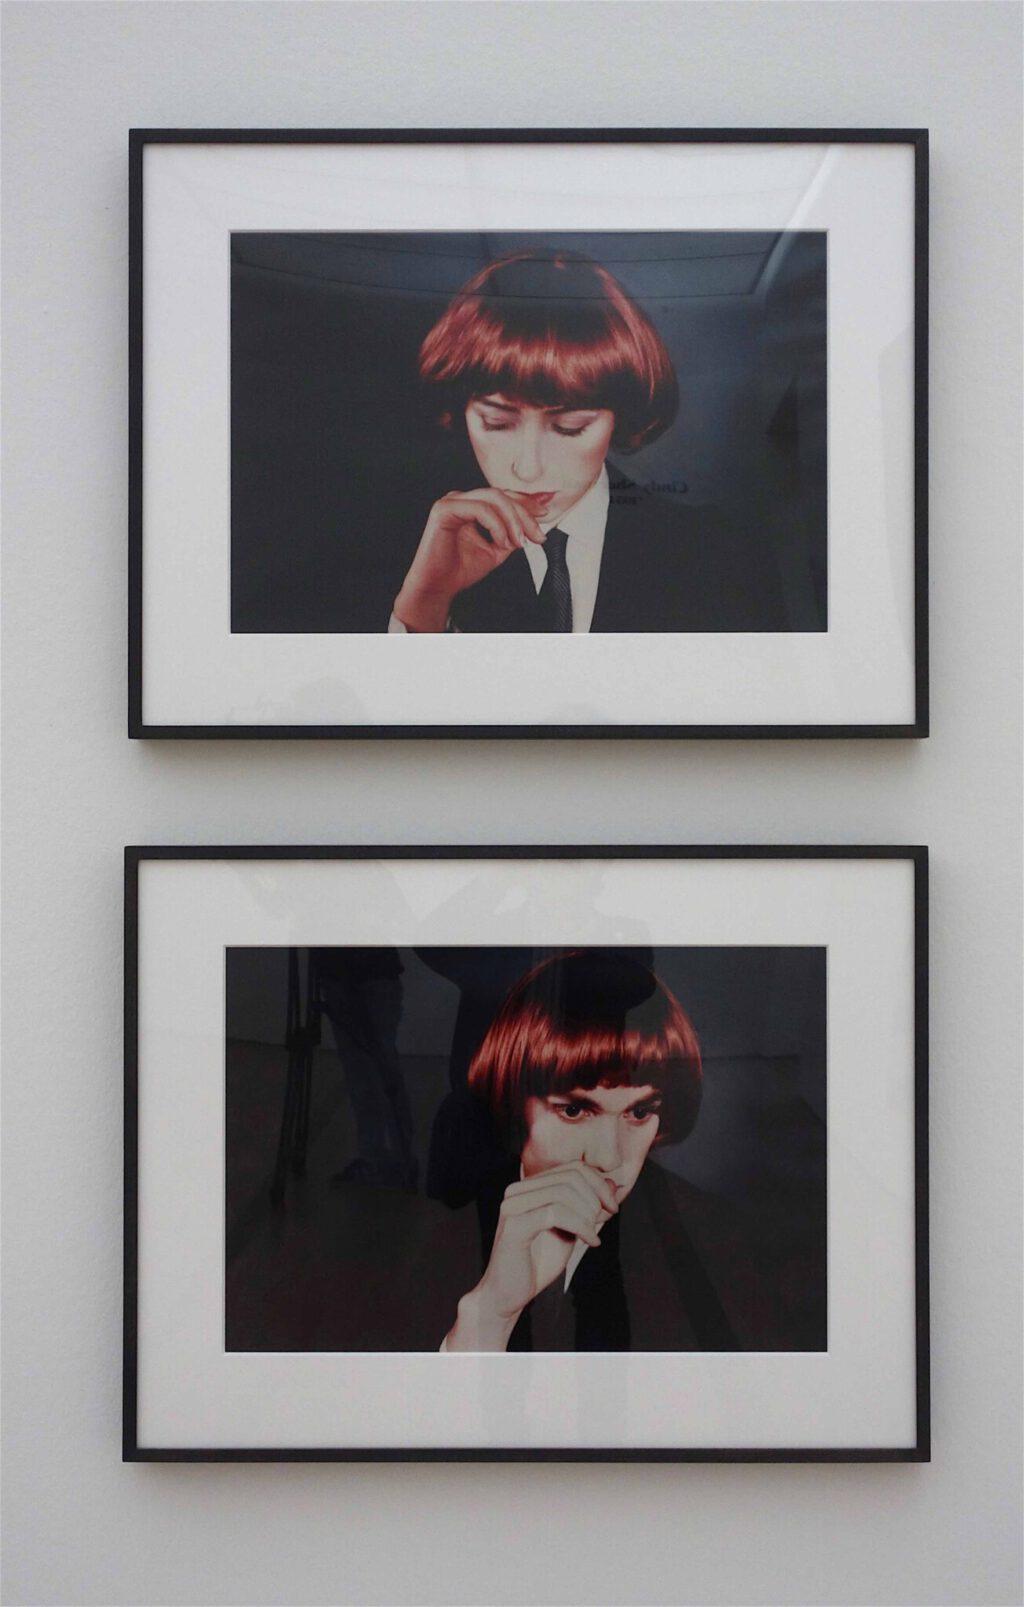 シンディ・シャーマン「無題(ダブルポートレート)」クロモグラフィー・プリント、ディプティク、各 50.8 x 61 センチ、1980年